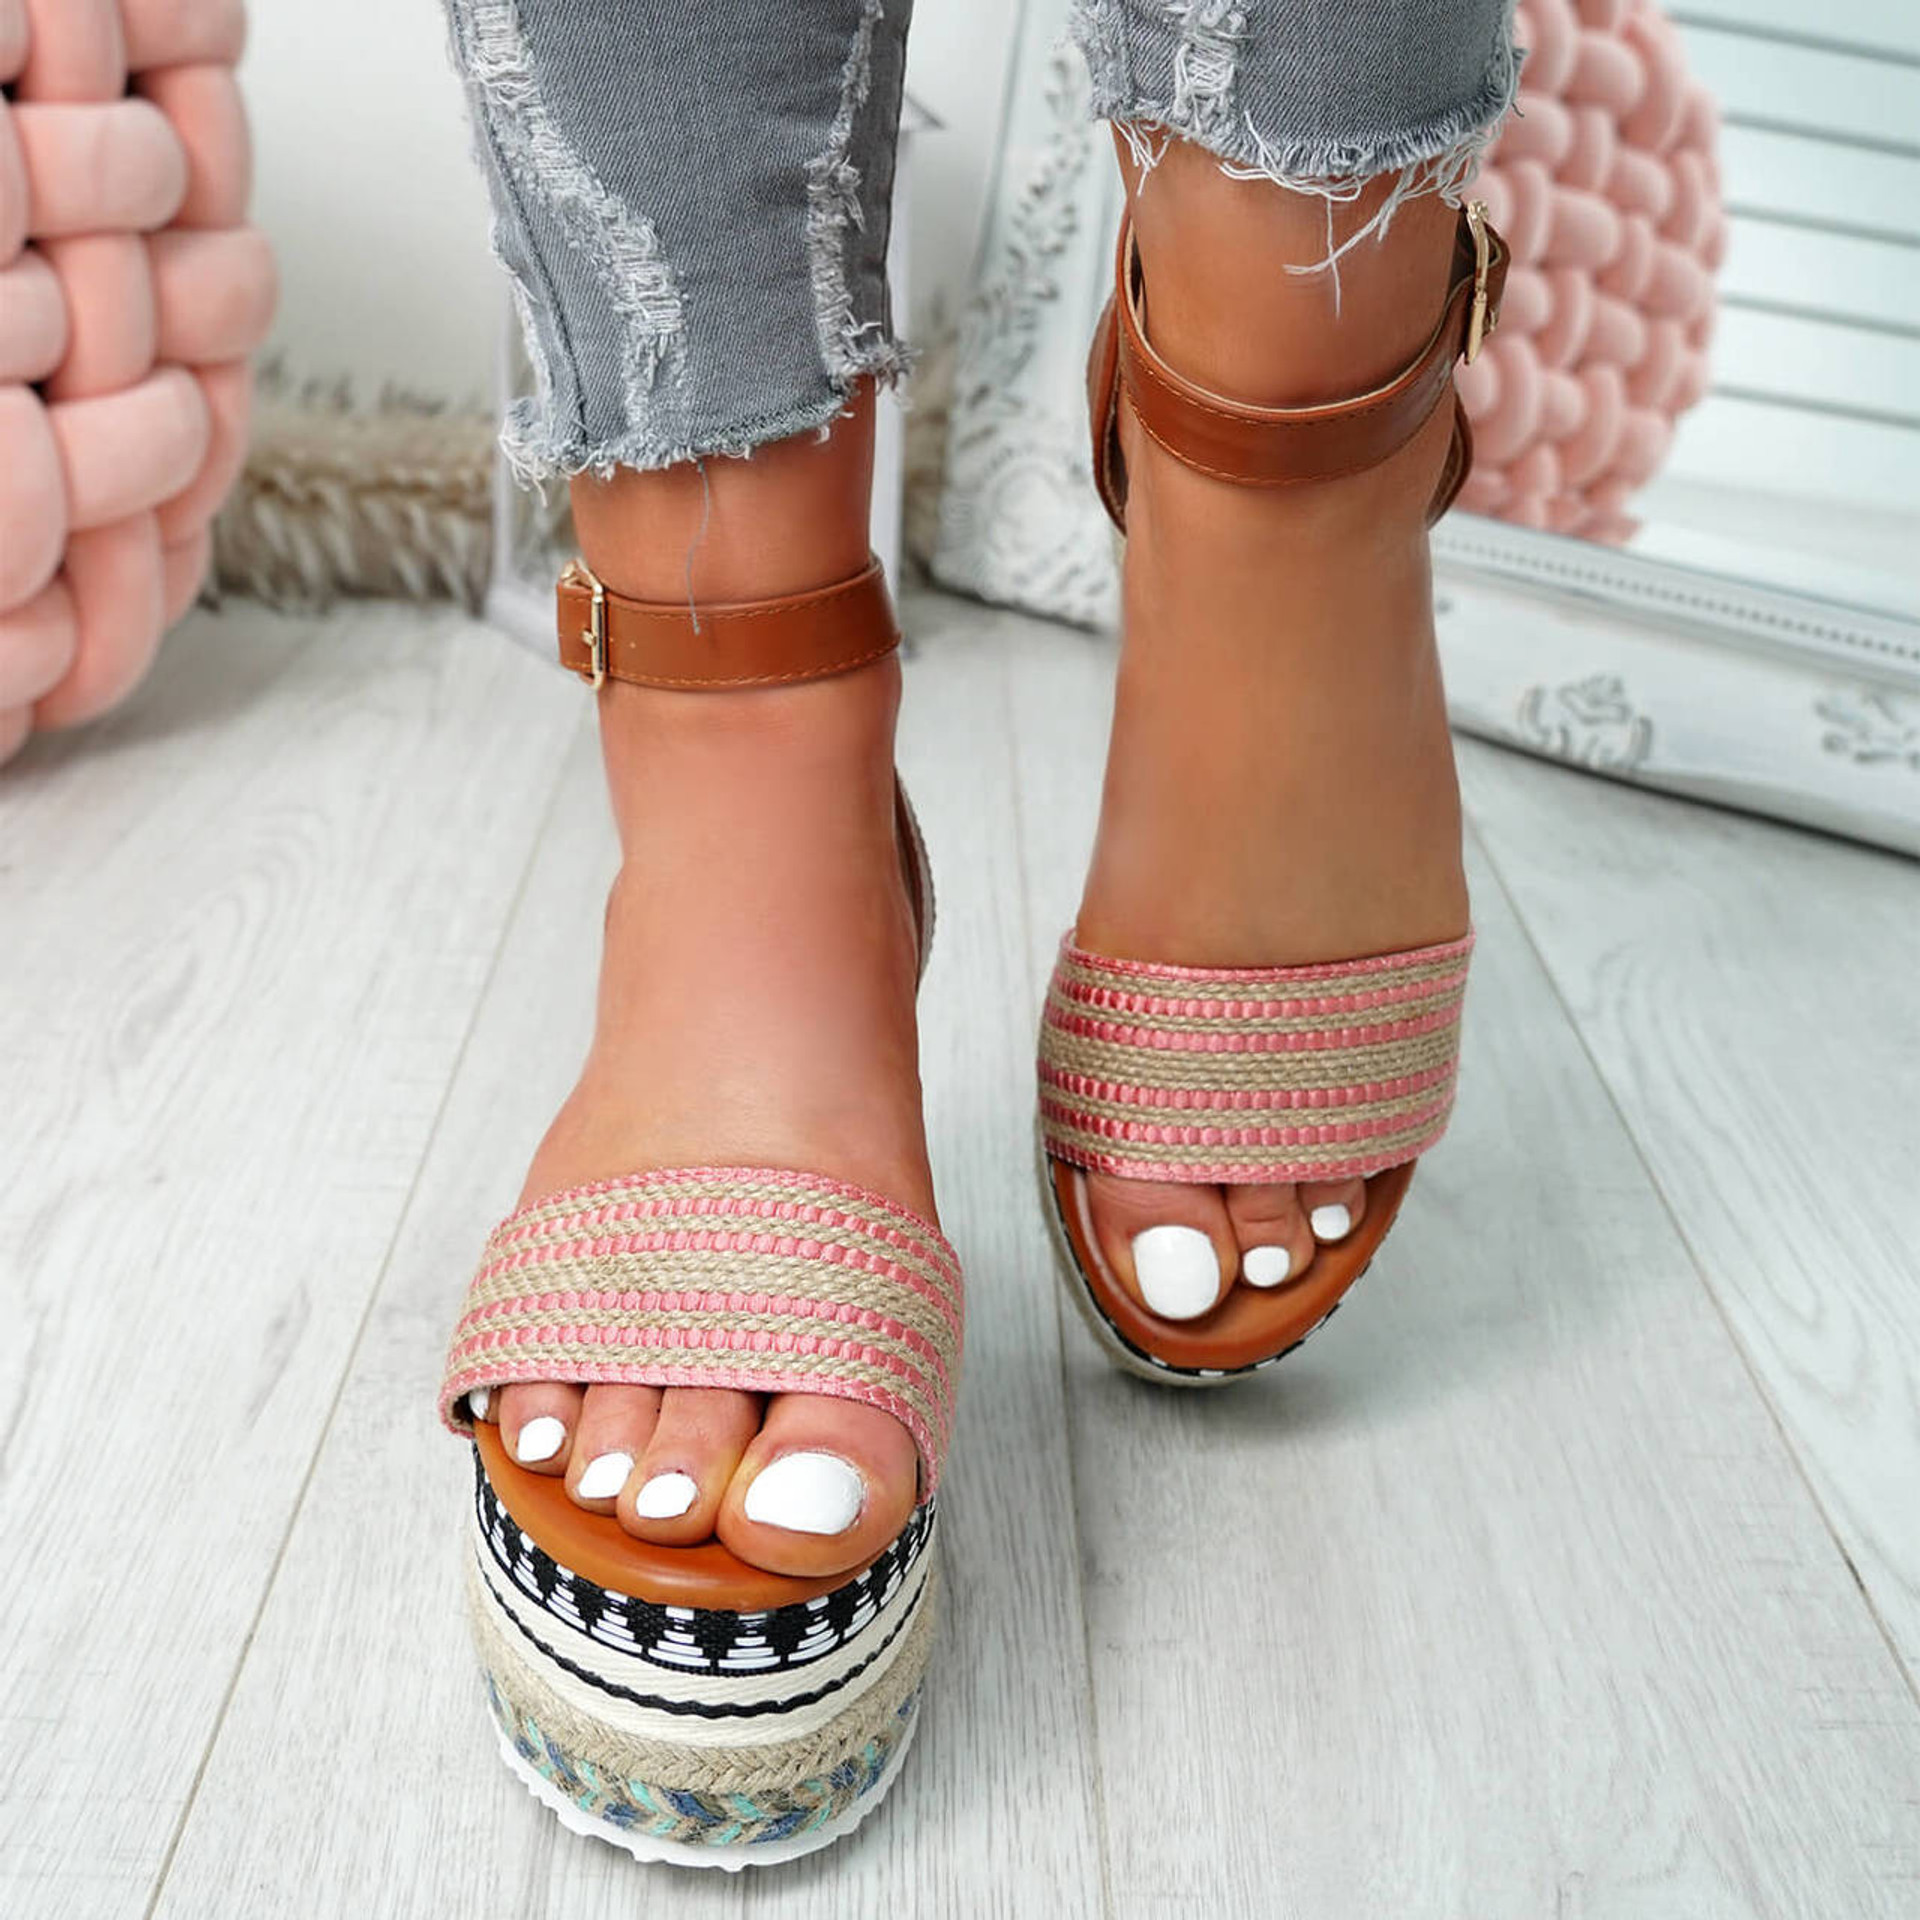 Gima Red Platform Sandals